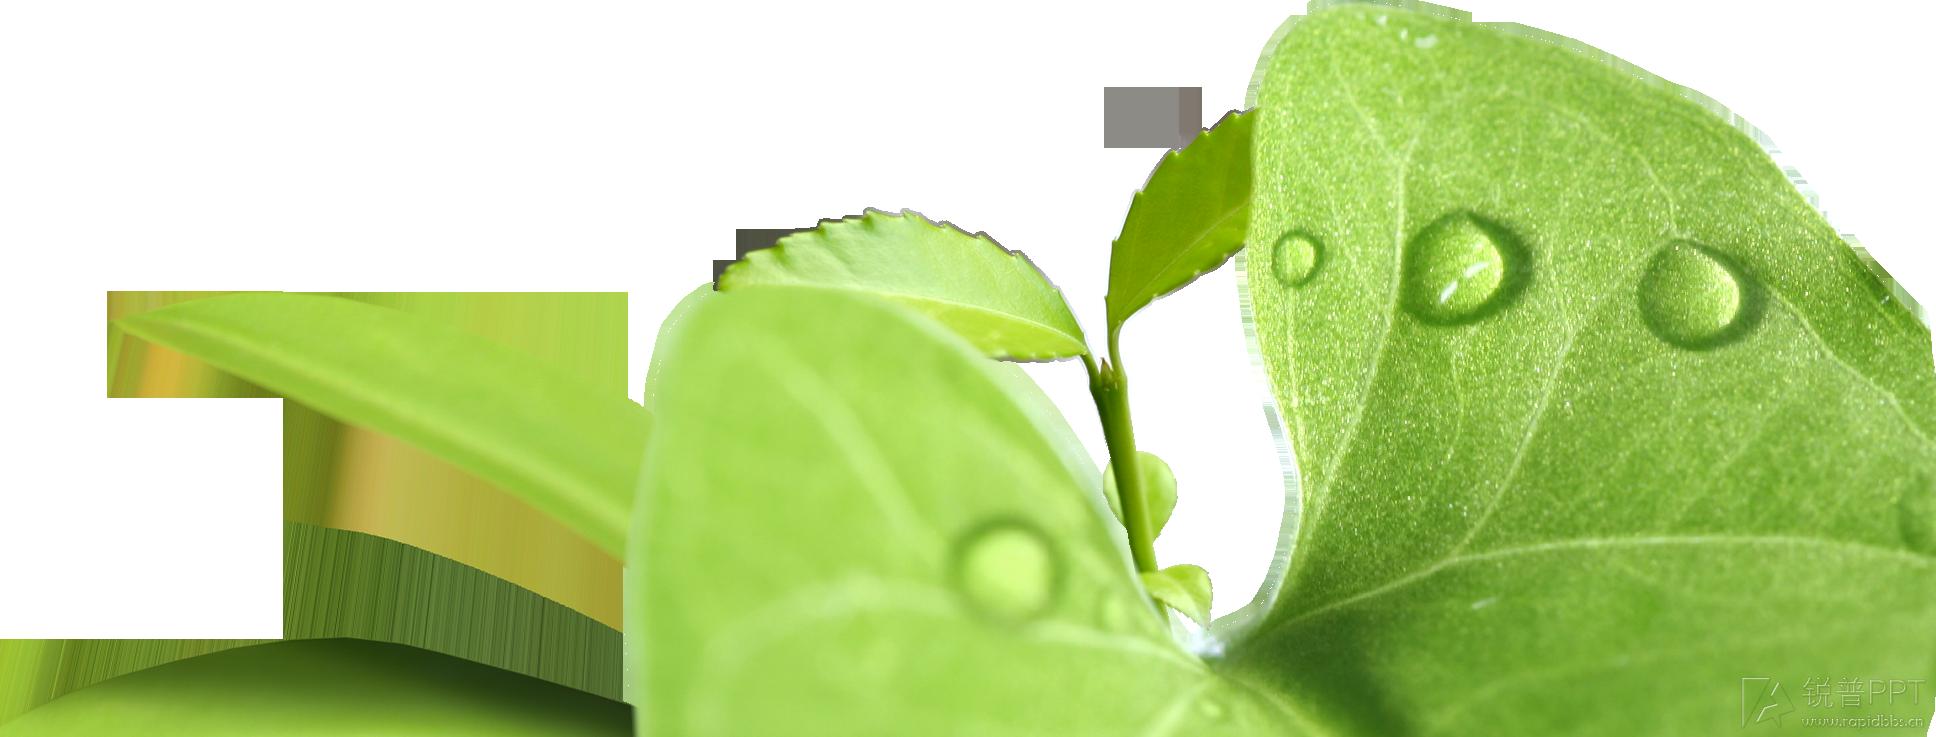 〖水大师素材分享〗绿色的图片(png格式3张)